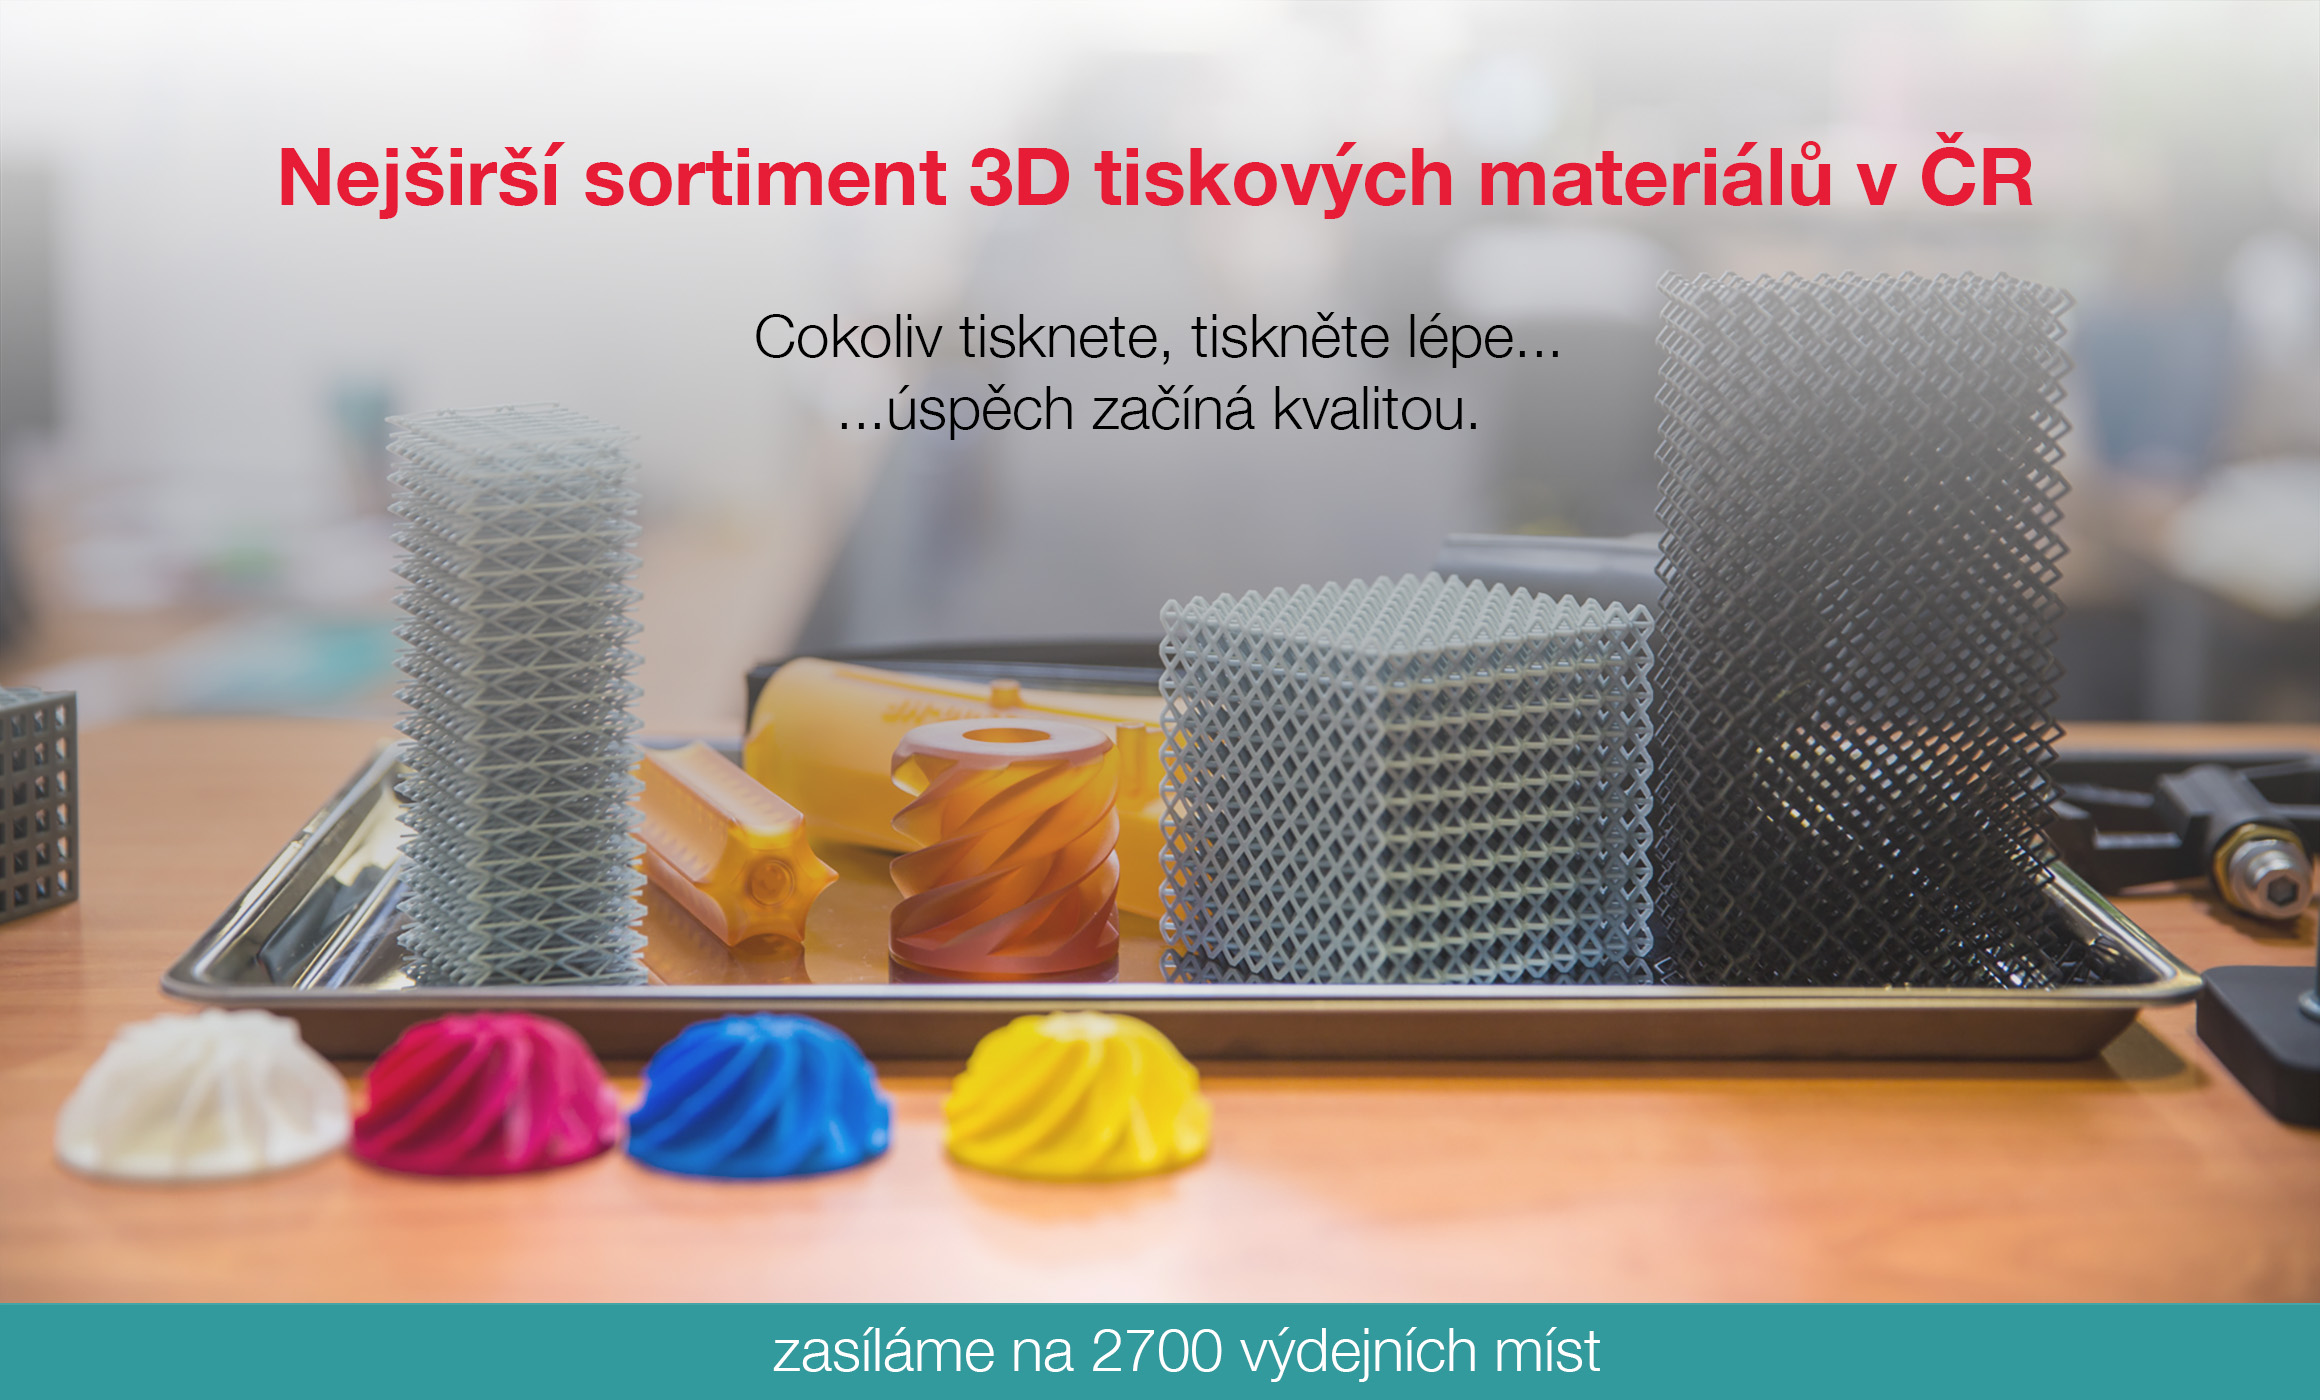 Nejširší nabídka 3D tiskových materiálů v ČR